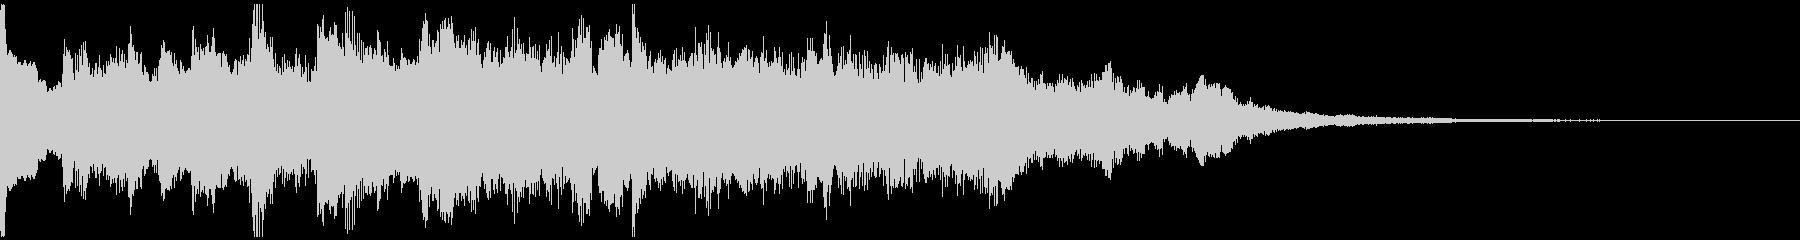 サウンドロゴ、5秒CM、場面転換verCの未再生の波形